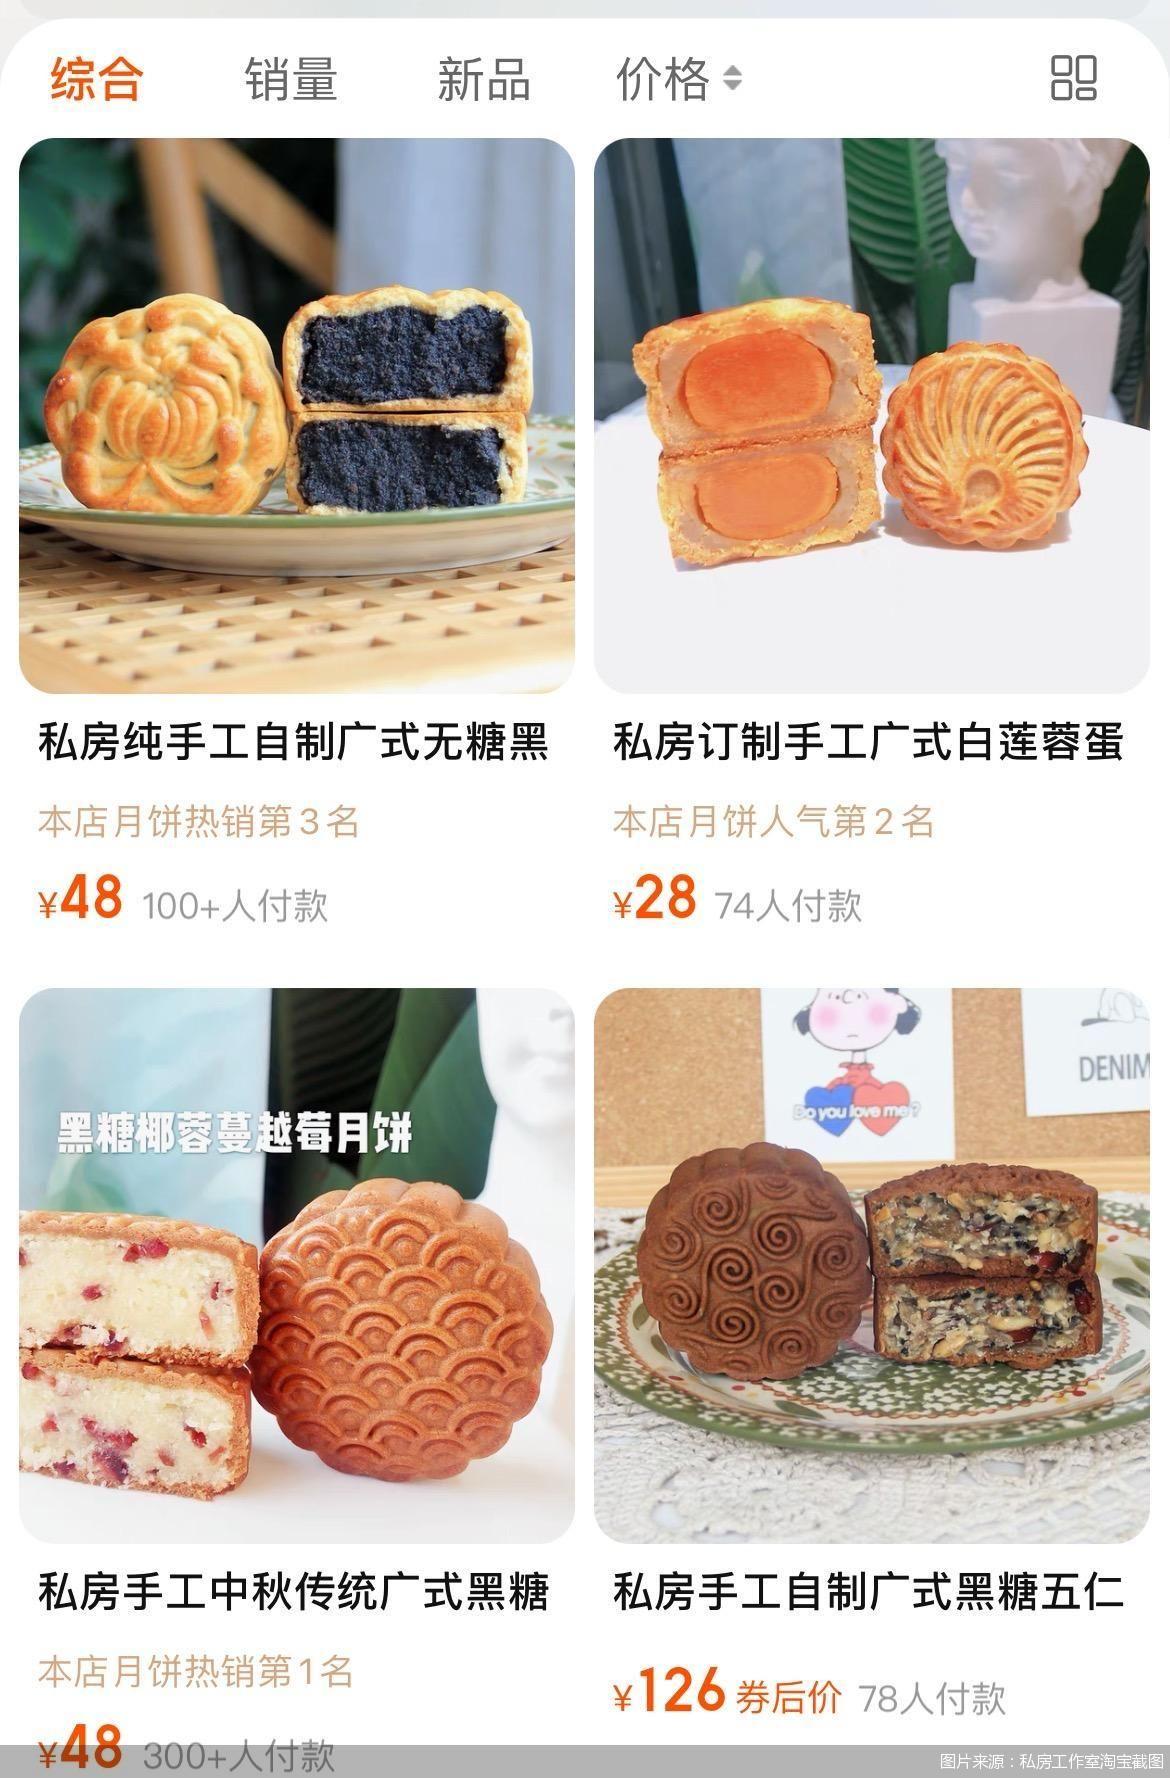 """""""有故事""""的月饼受消费者青睐,食品安全风险不容小觑"""